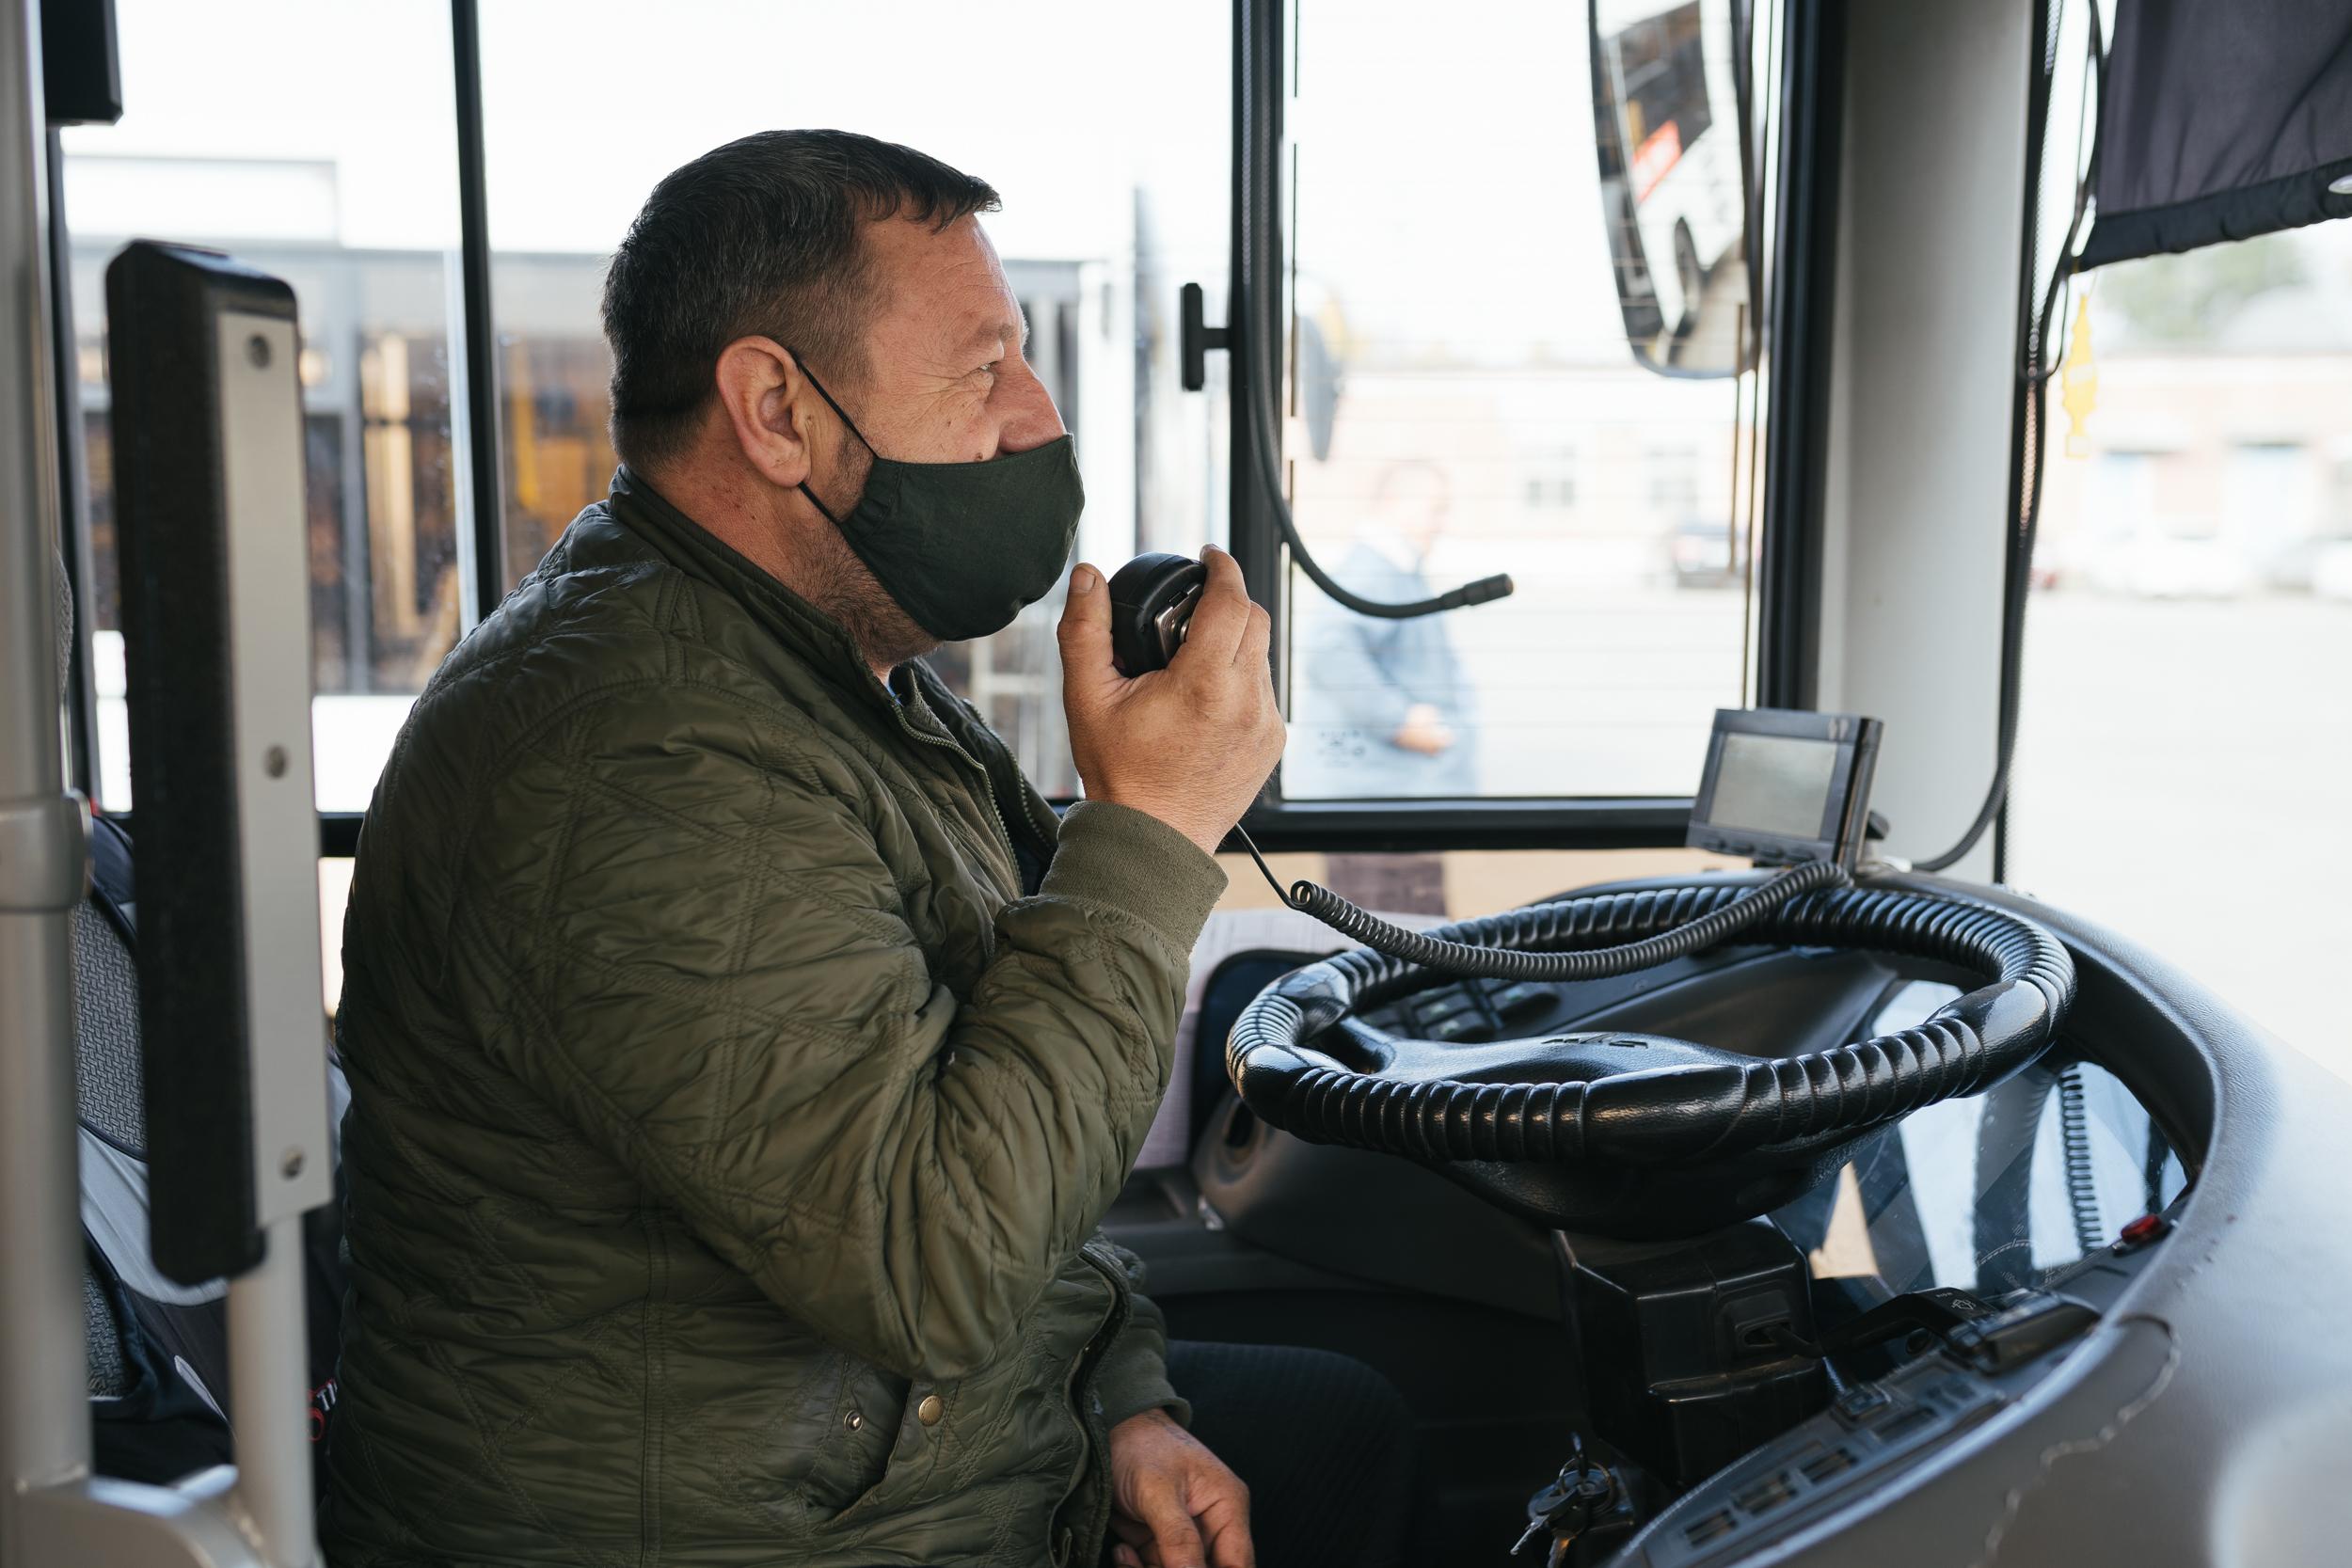 Водители проверяют автоинформаторы: с их помощью по громкой связи напоминают пассажирам надеть маски